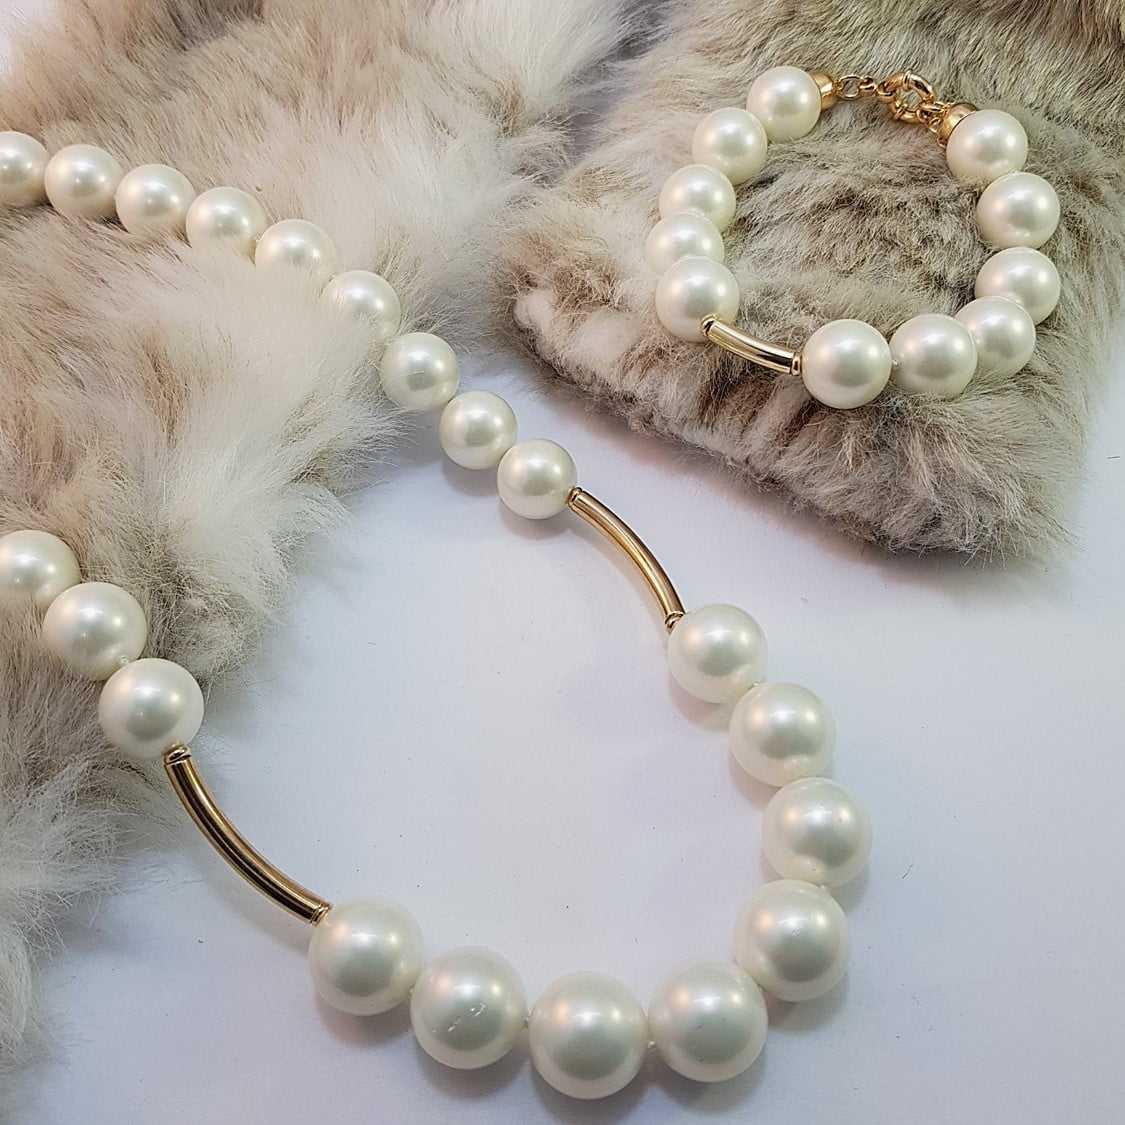 Conjunto de colar e pulseira de pérolas shell